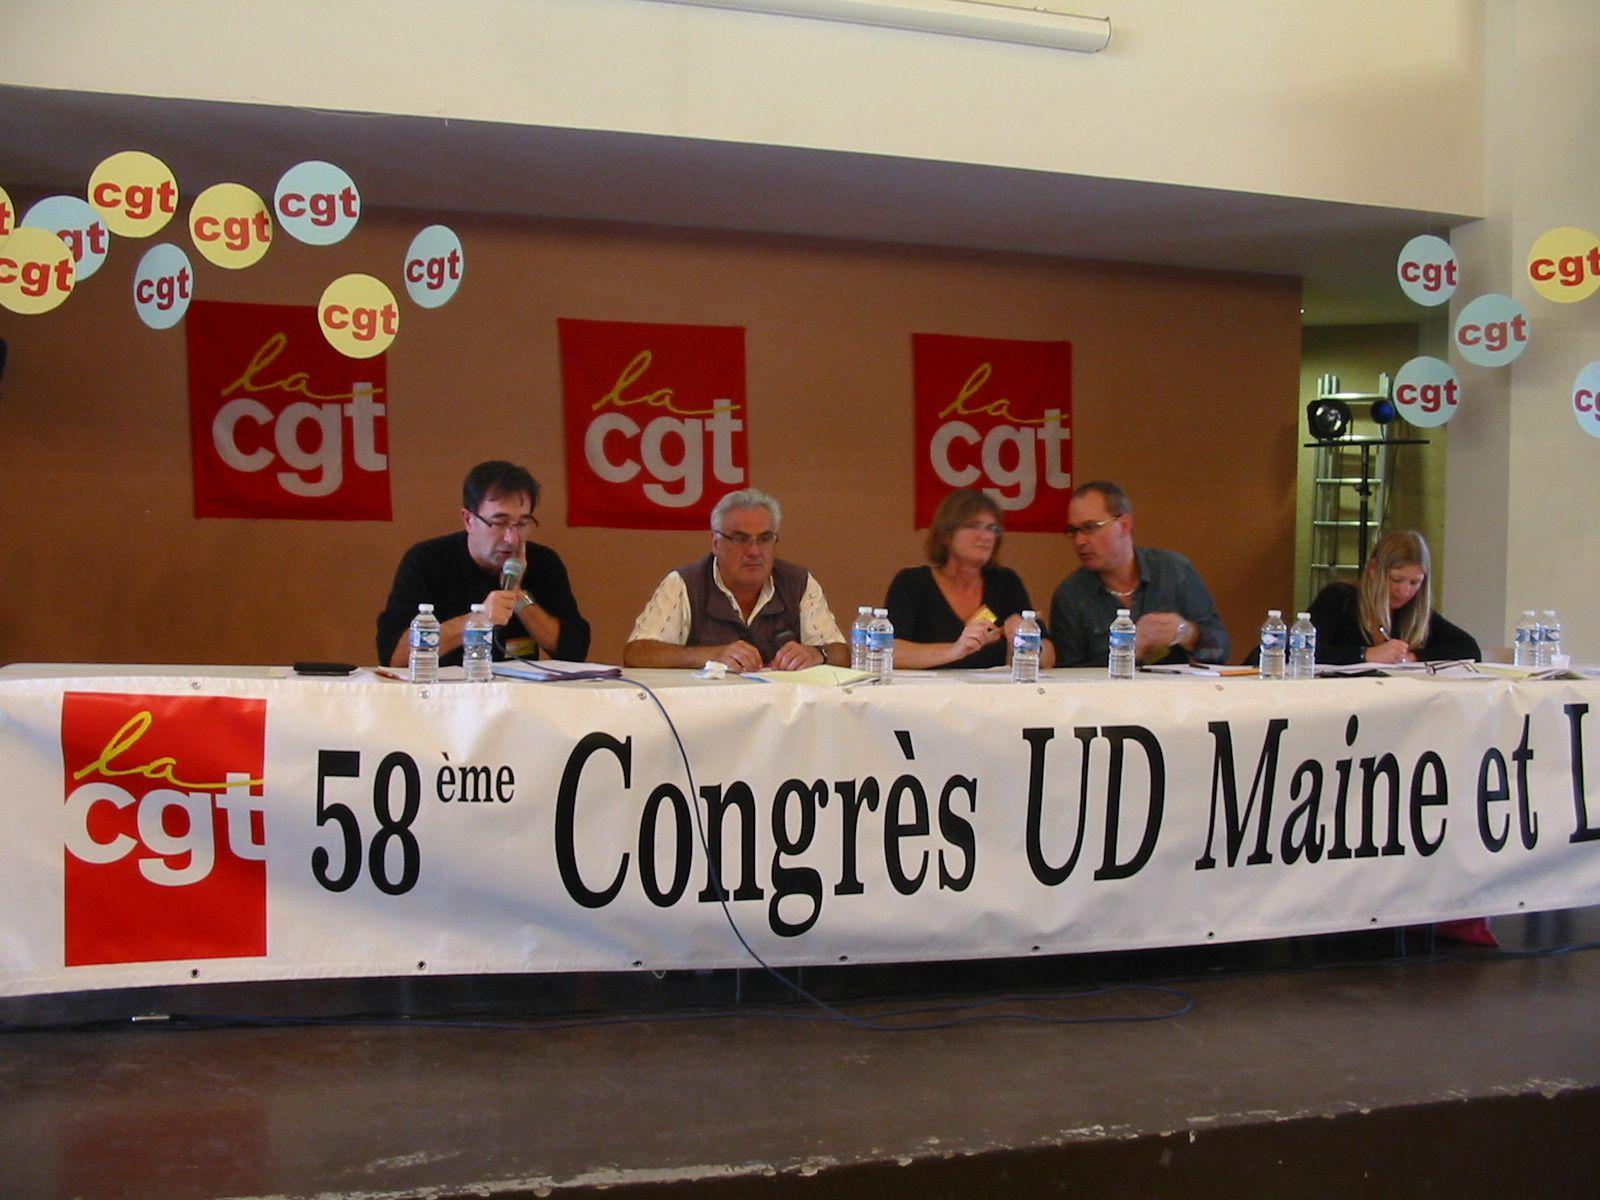 En attendant plus d'information sur le 58ème congrès de l'Union Départementale Cgt du Maine & Loire qui s'est déroulé à Bagneux près de Saumur voici quelques photos.